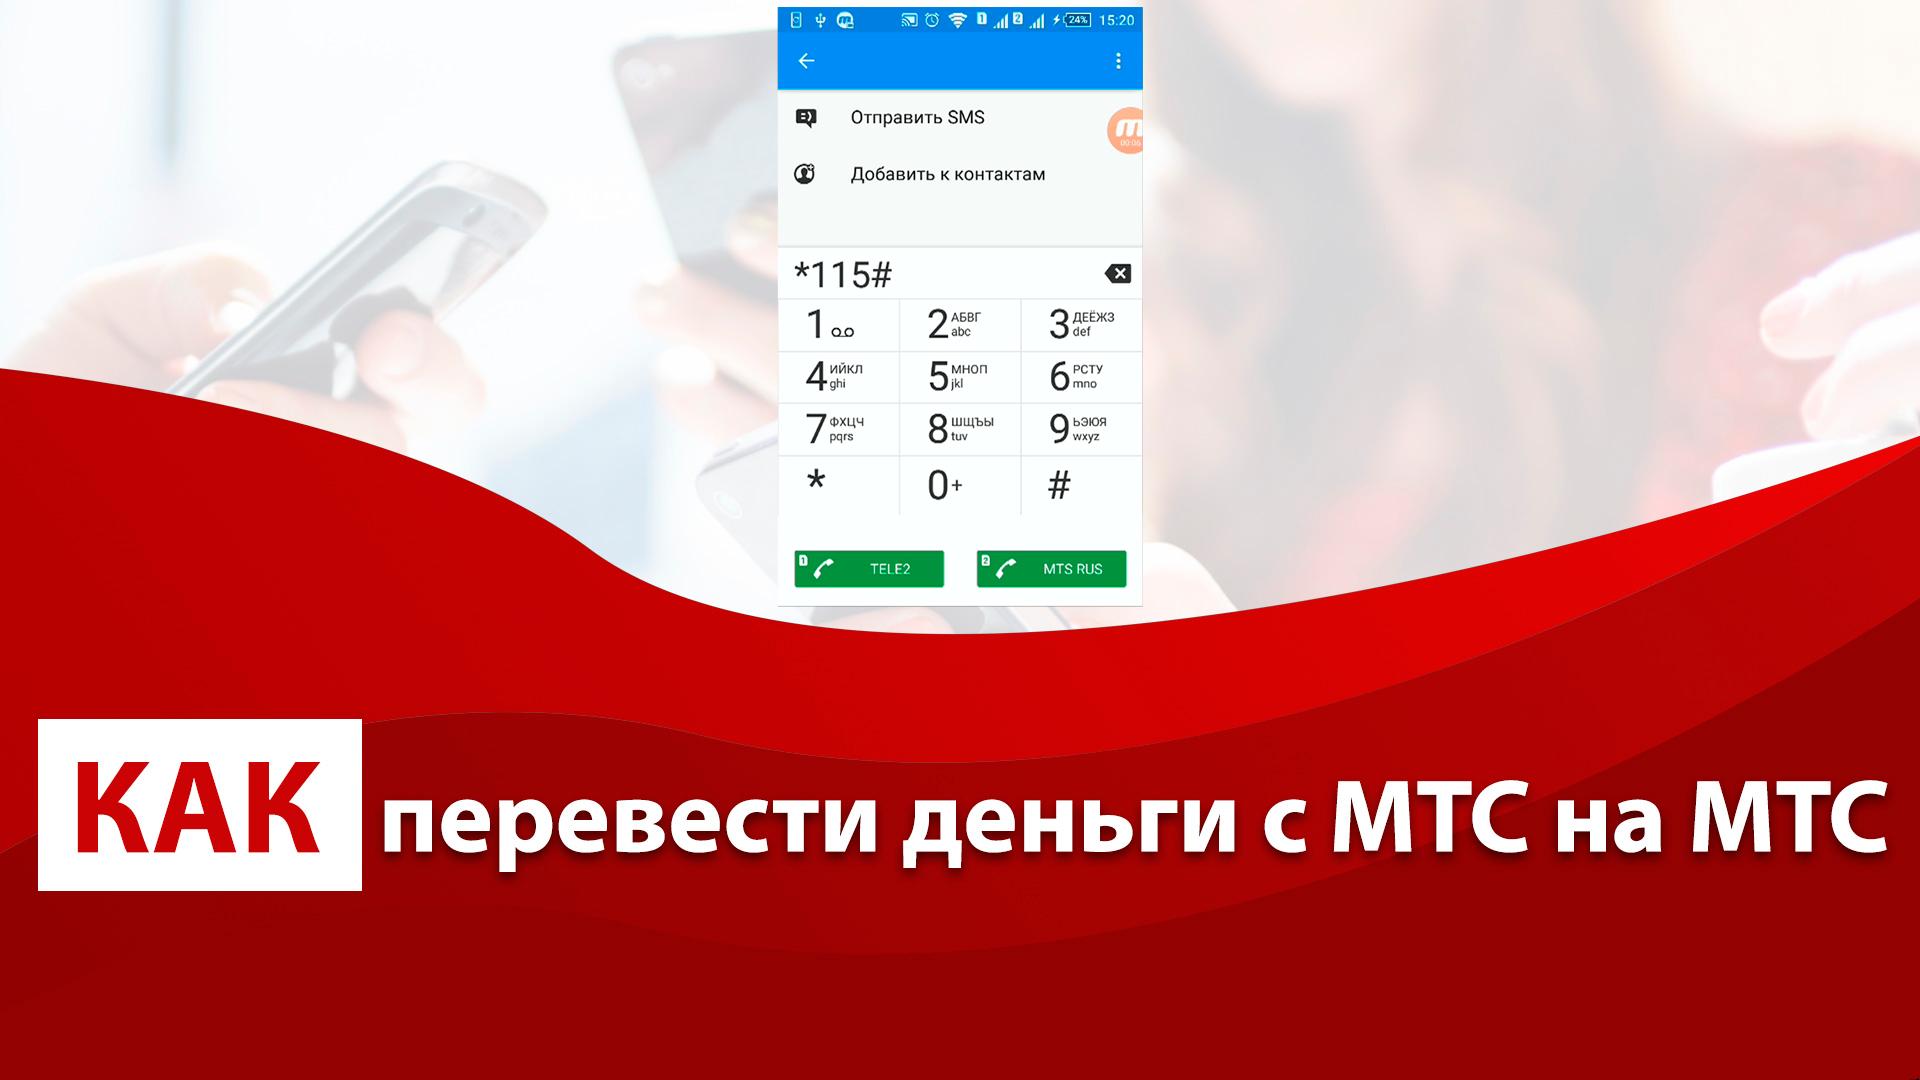 Потребительский кредит 1500000 рублей на 10